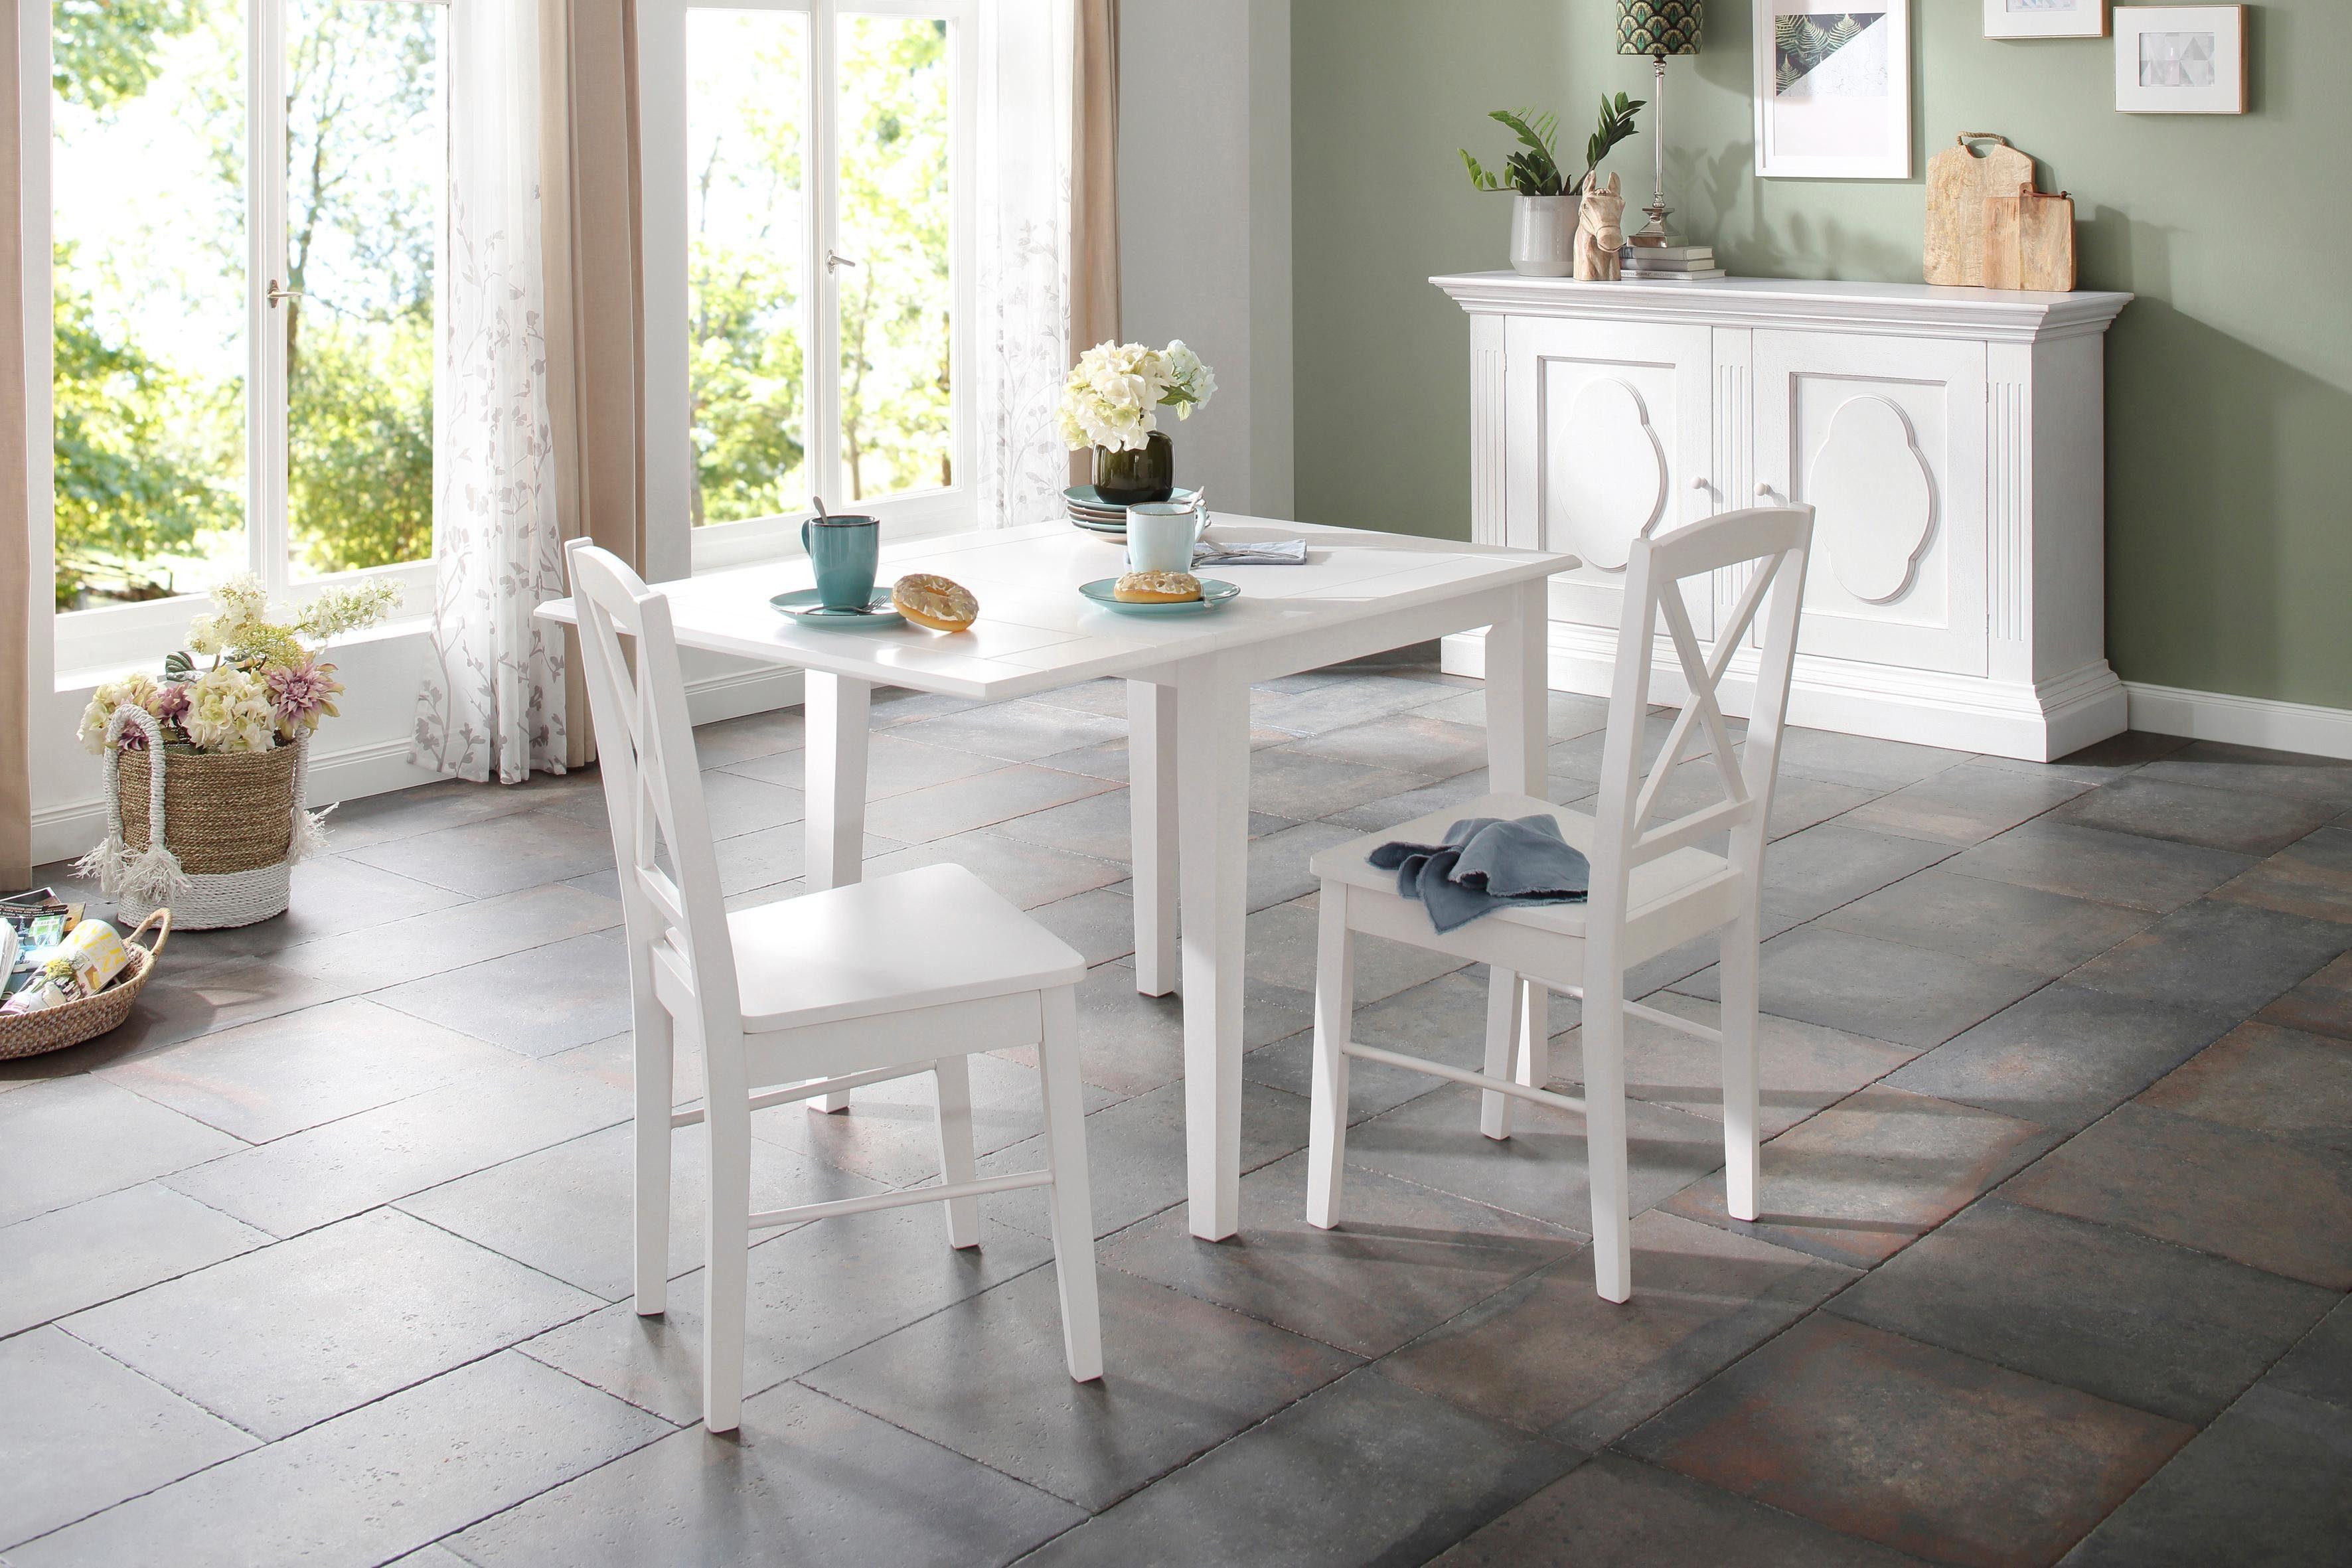 Home affaire Essgruppe »Olvera«, (Set, 3 tlg), bestehend aus Fullerton Esstisch 80 cm, 2 Sonoma Esszimmerstühlen und 1 Ansteckplatte (3 tlg) online